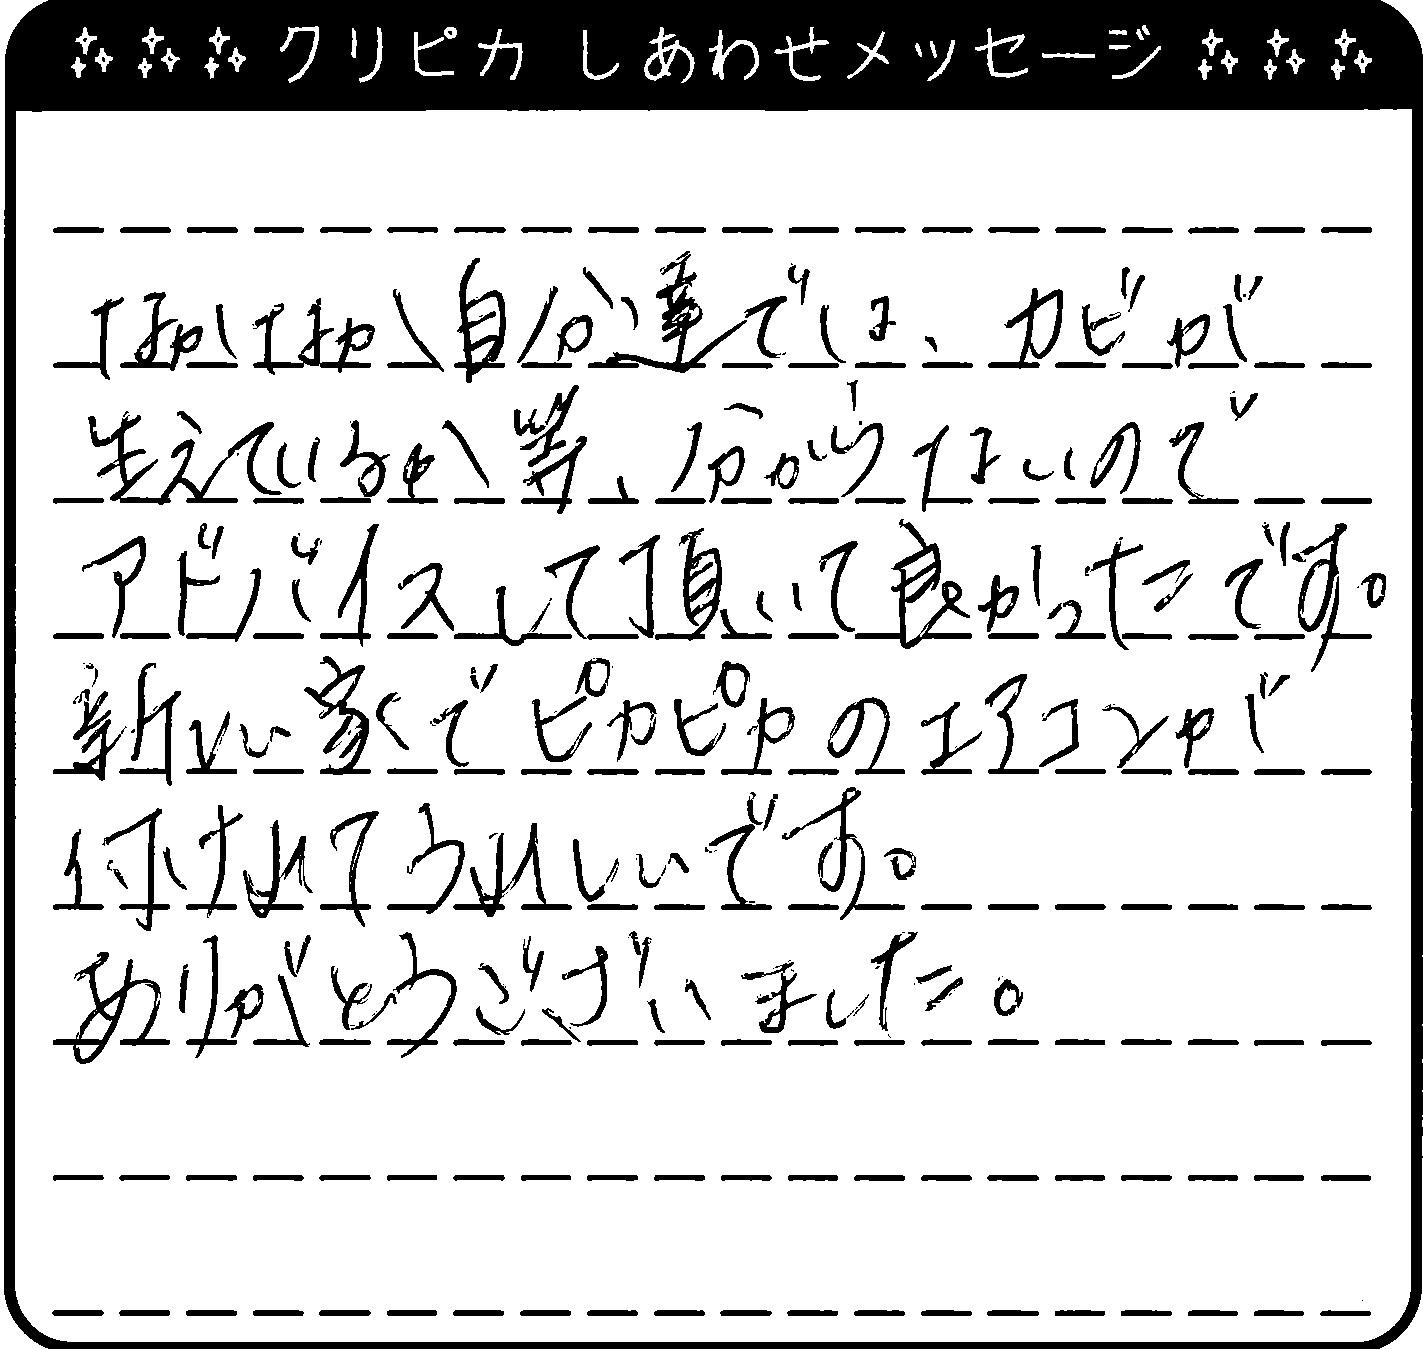 京都府 N様からのしあわせメッセージ